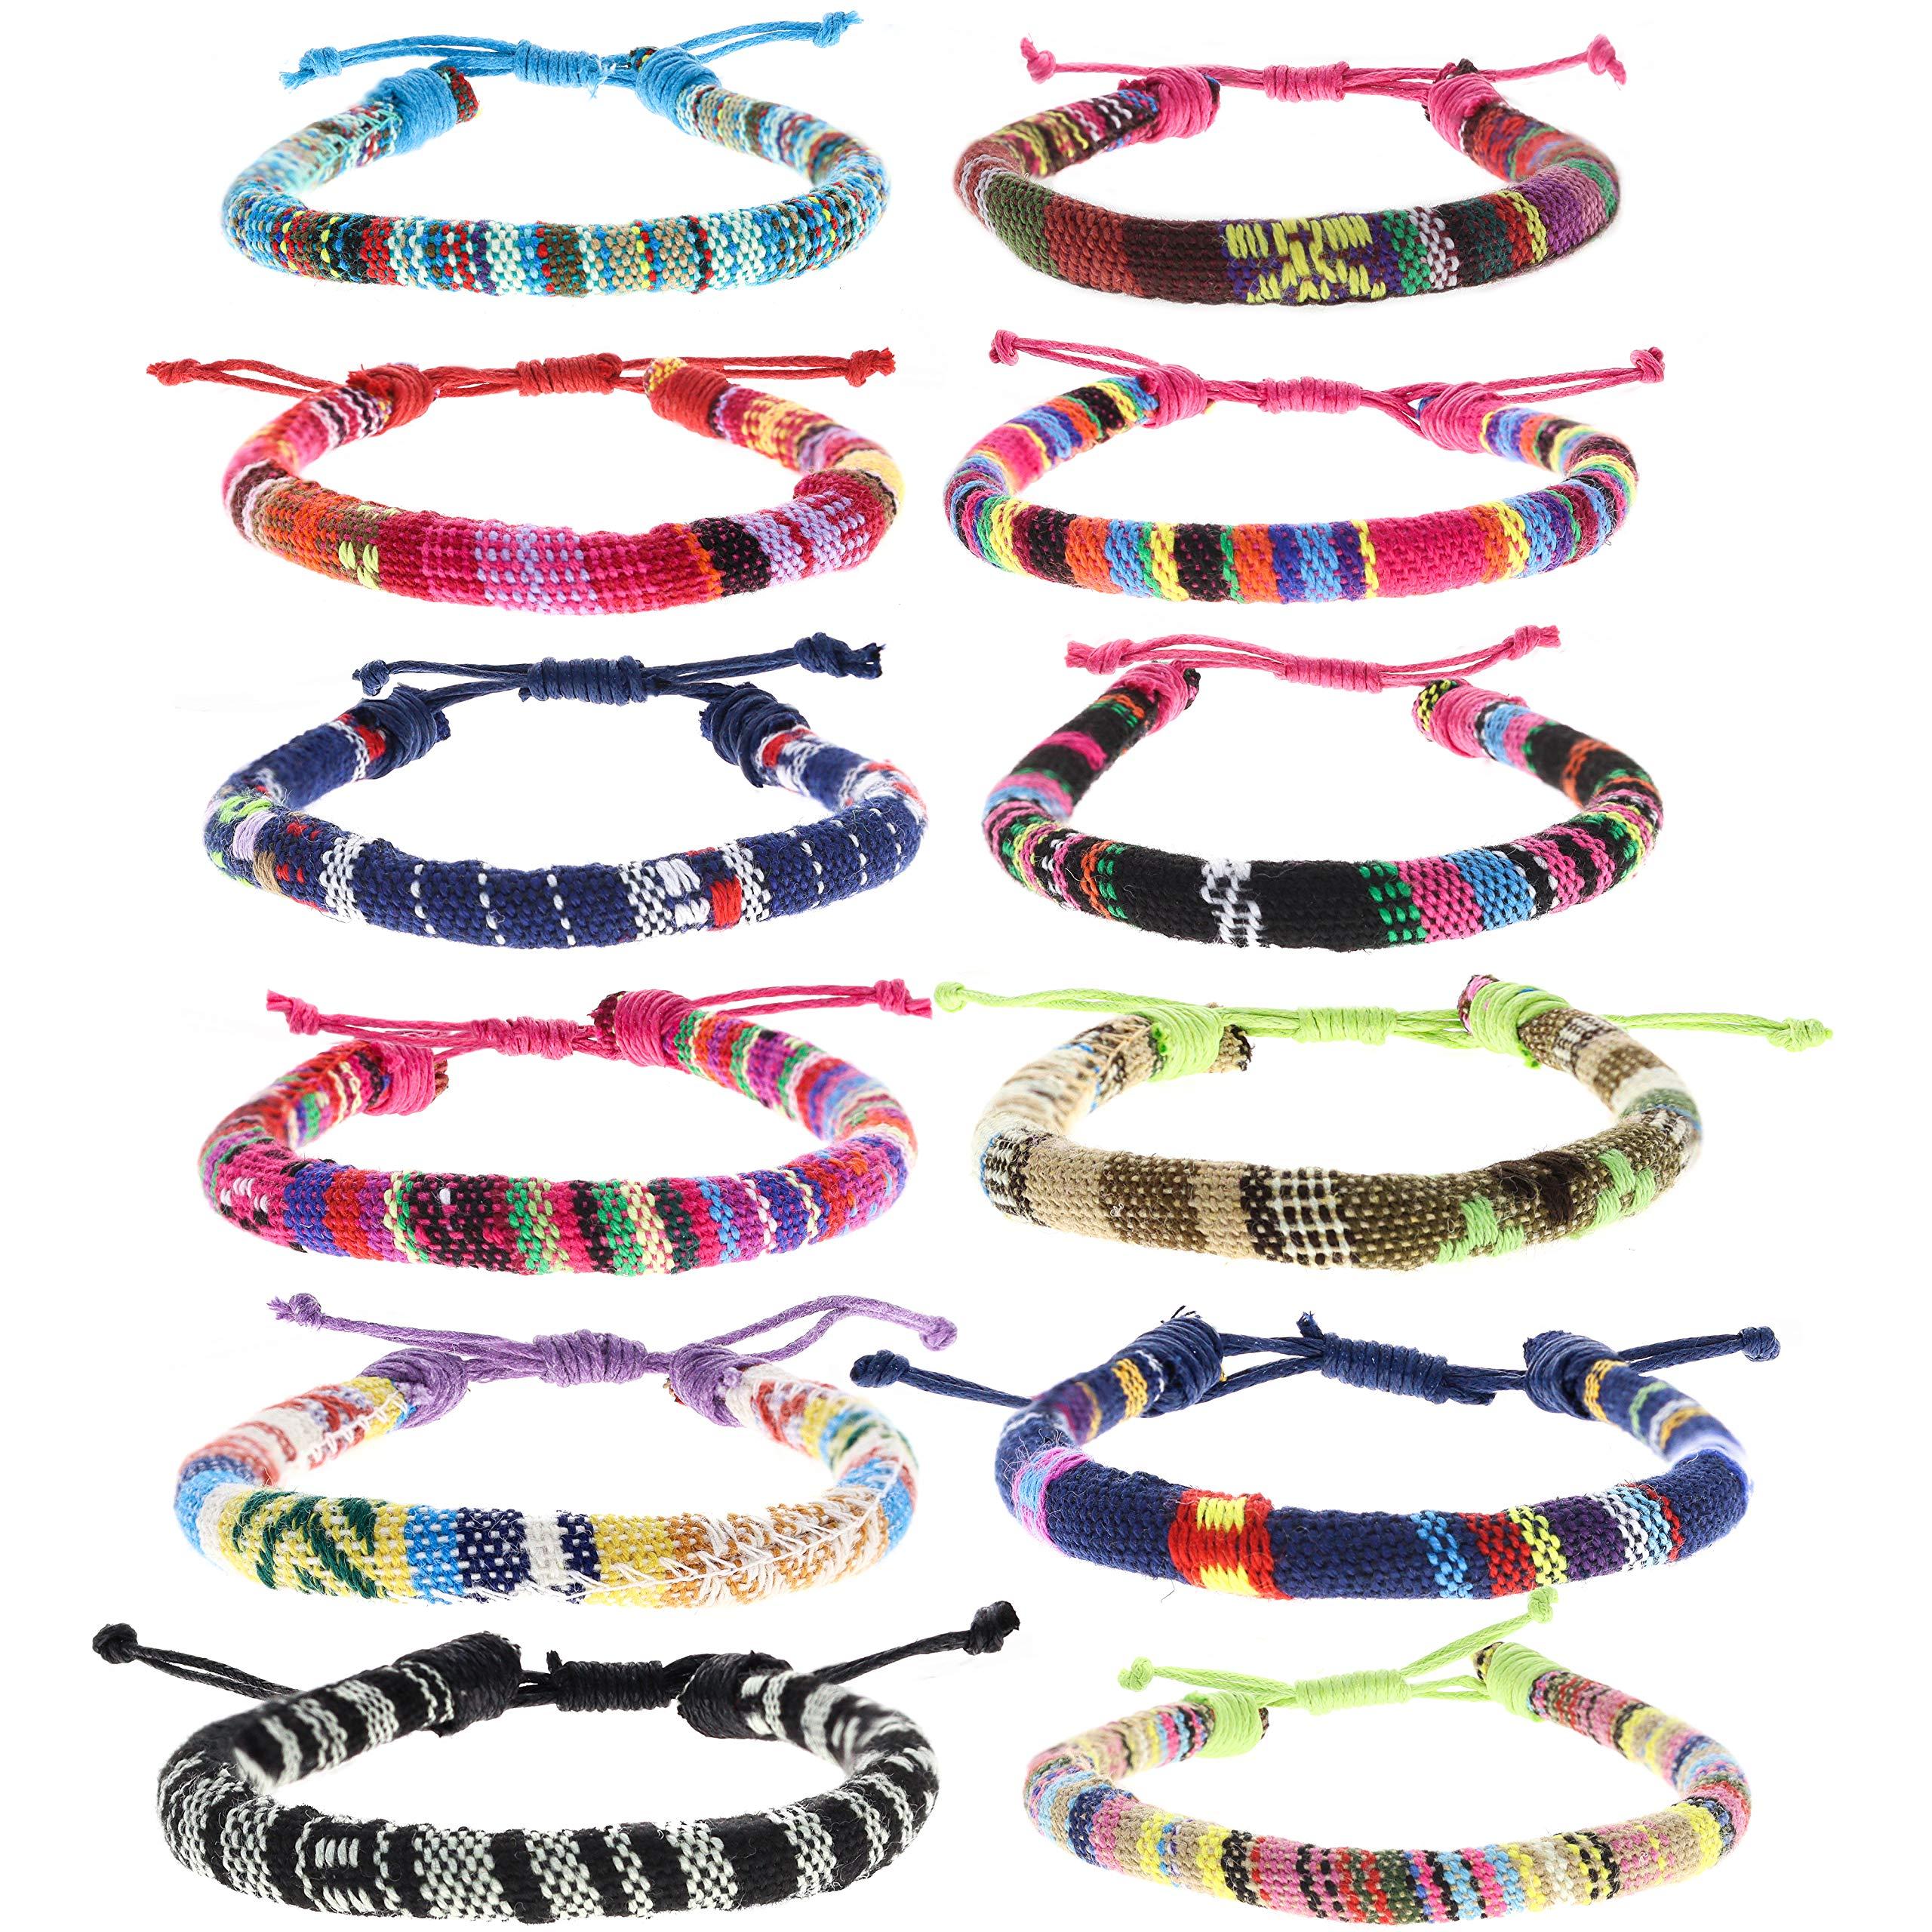 Beaded Stretch Bracelets Friendship Bracelet Jewelry FROG SAC VSCO Bracelets for Teen Girls VISCO Girl Bracelet Pack for Women Birthday Party Favors for Teens Friendship Bracelets